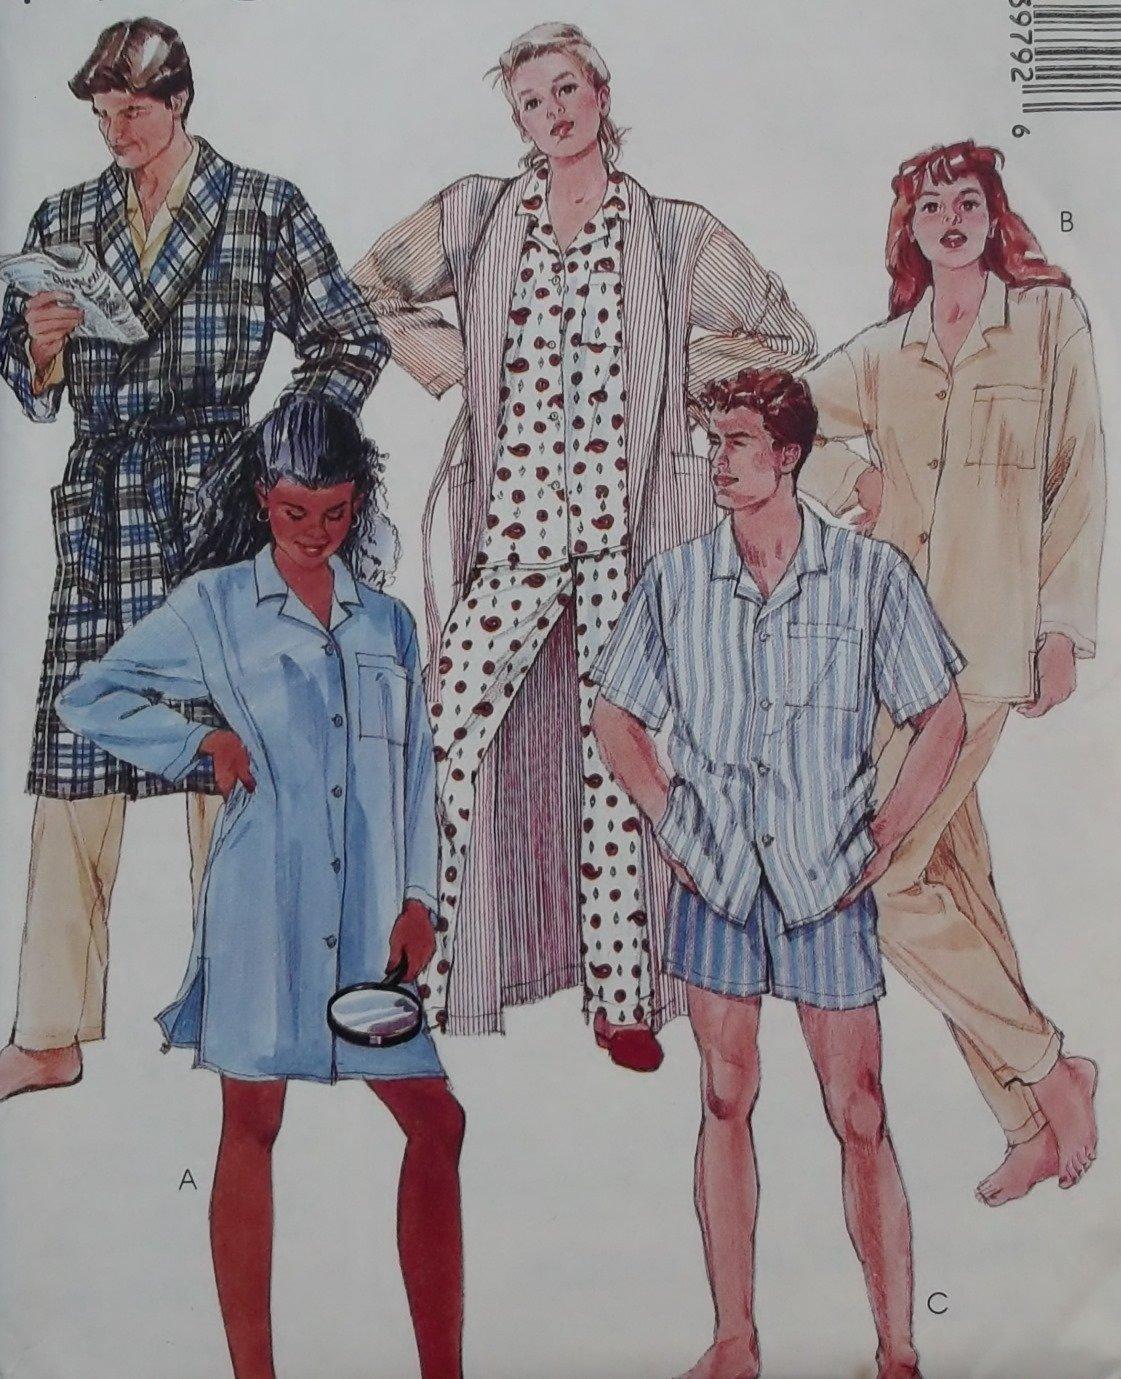 Mccalls 3979 Misses, Men, Teen Robe Nightshirt Pajamas Pattern, Size Large, UNCUT